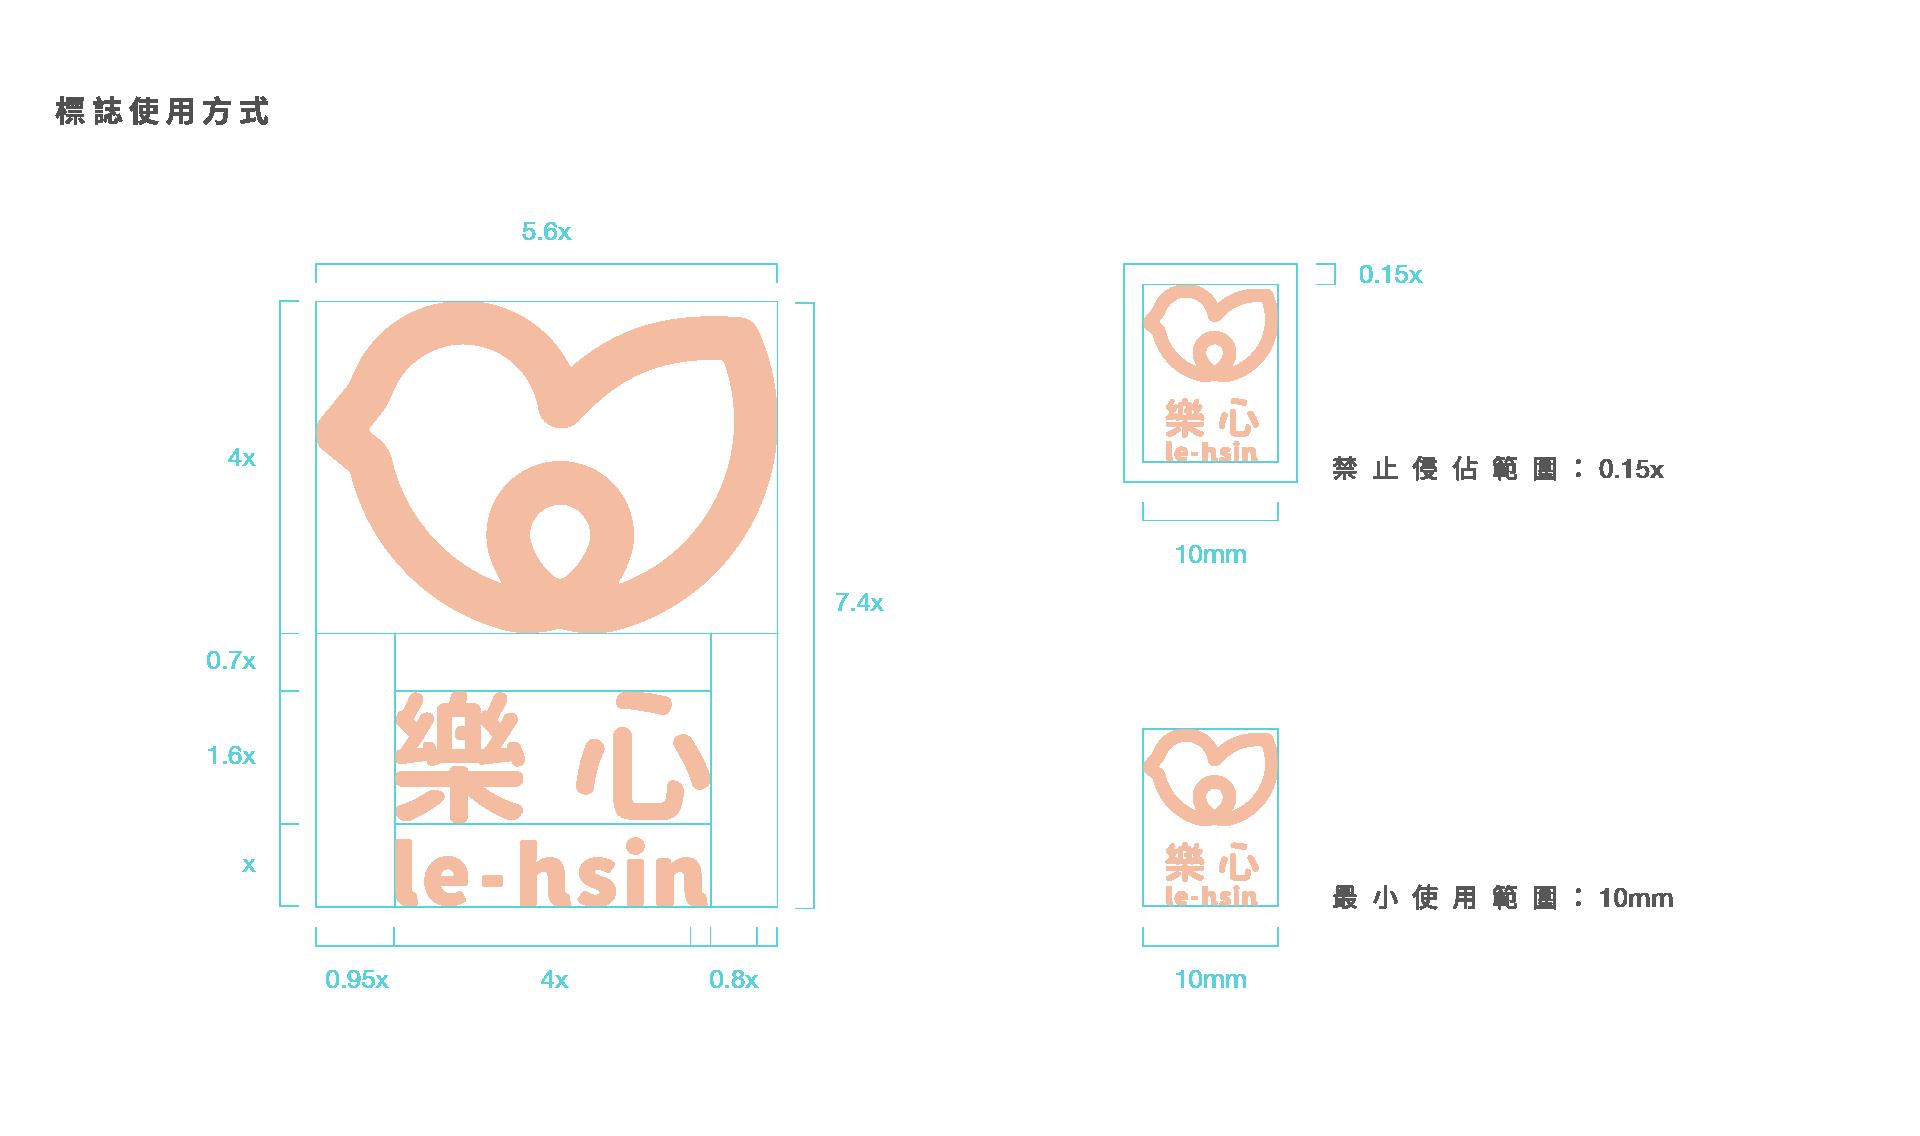 樂心產後護理之家 標誌使用方式可以讓客戶在之後的文宣物延伸時,清楚了解到標誌使用方式及不可侵佔範圍,維護標誌各個文宣物的品牌一致性。 | 甘樂文創 | 甘之如飴,樂在其中